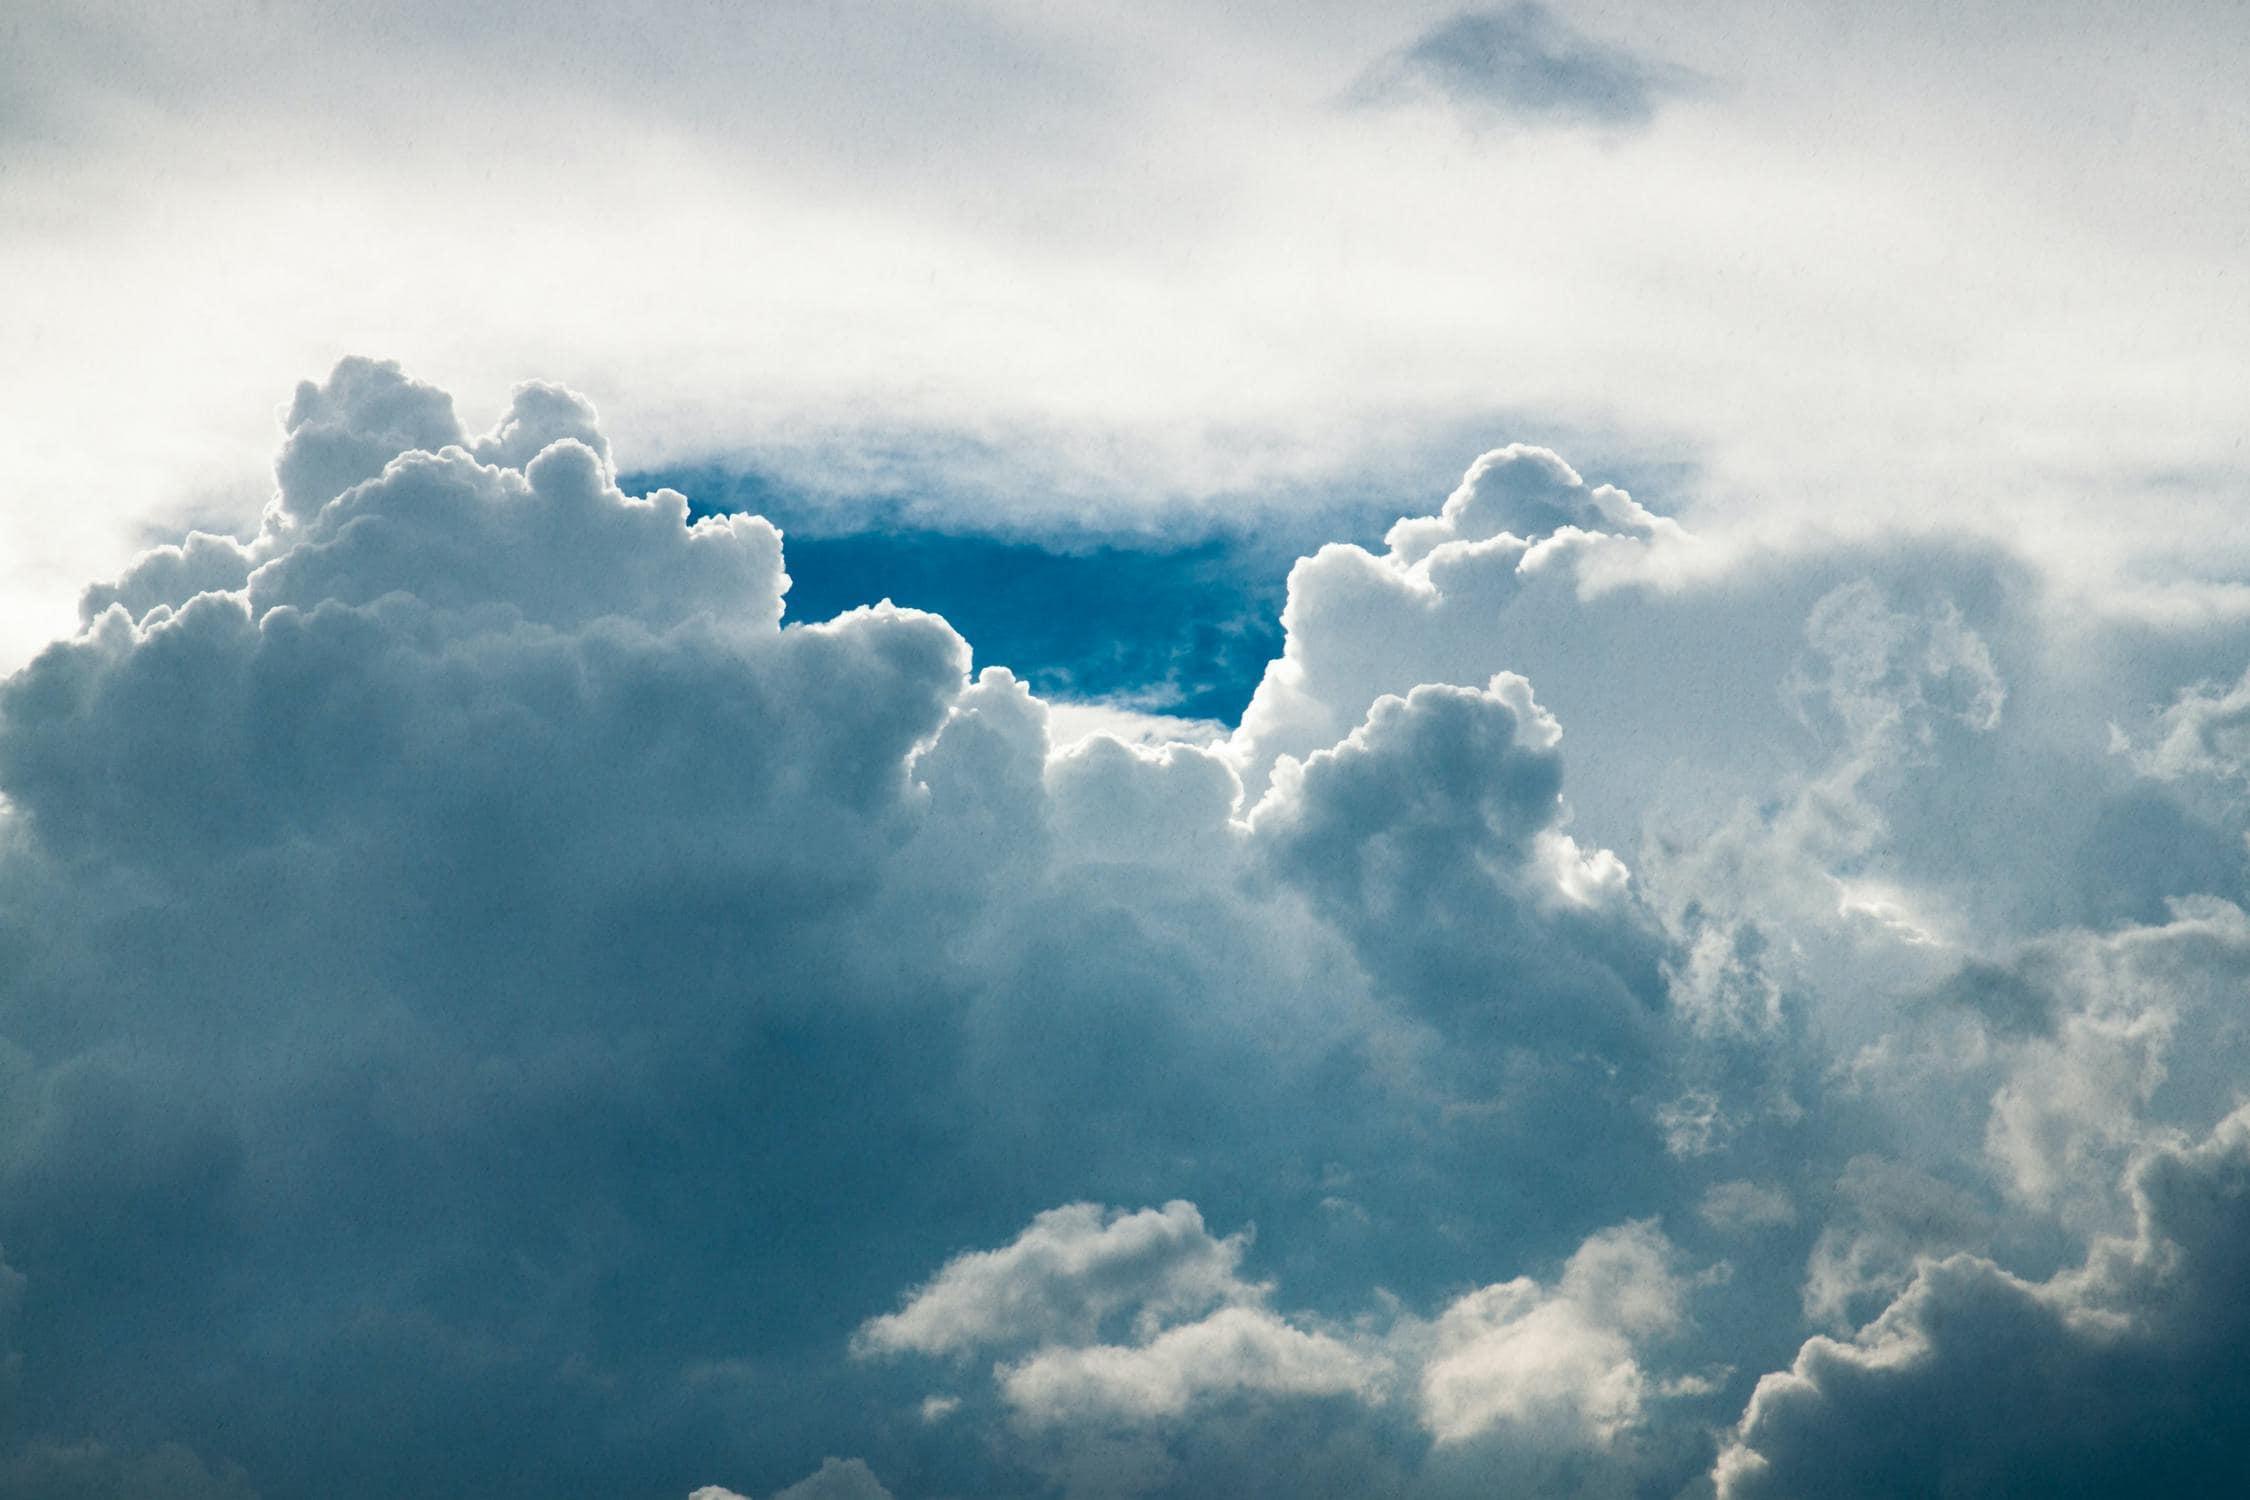 Wolken entstehen durch Kondensation von Wasser